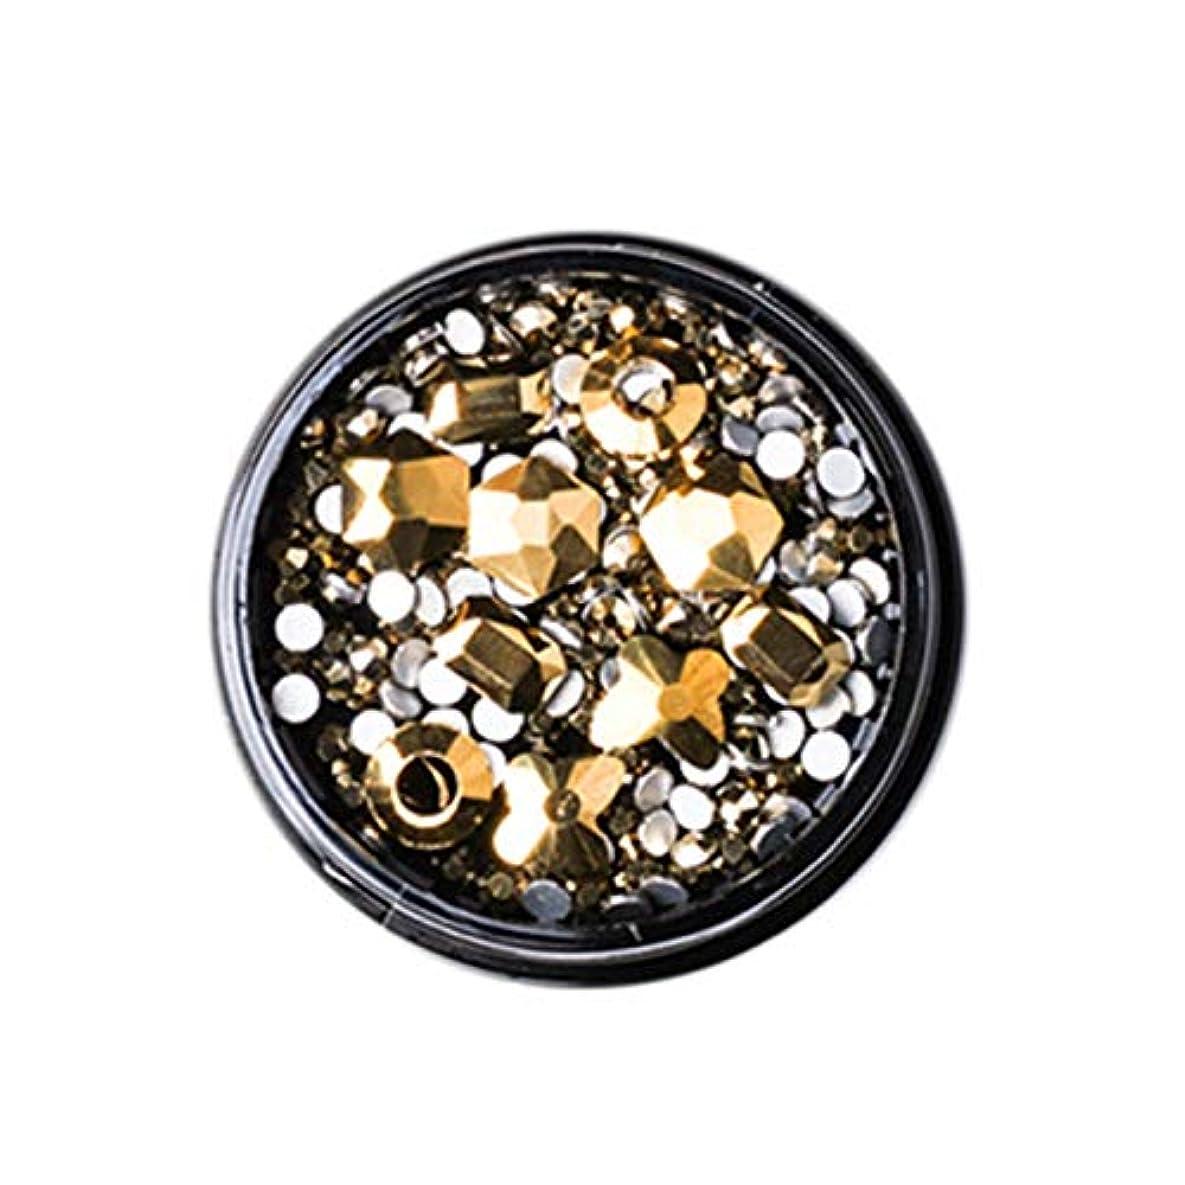 り素晴らしいです路地TOOGOO 1ボックス混合3dラインストーンネイルアートの装飾クリスタル宝石ジュエリーゴールド光沢のある石チャームガラスマニキュアアクセサリー、ゴールド